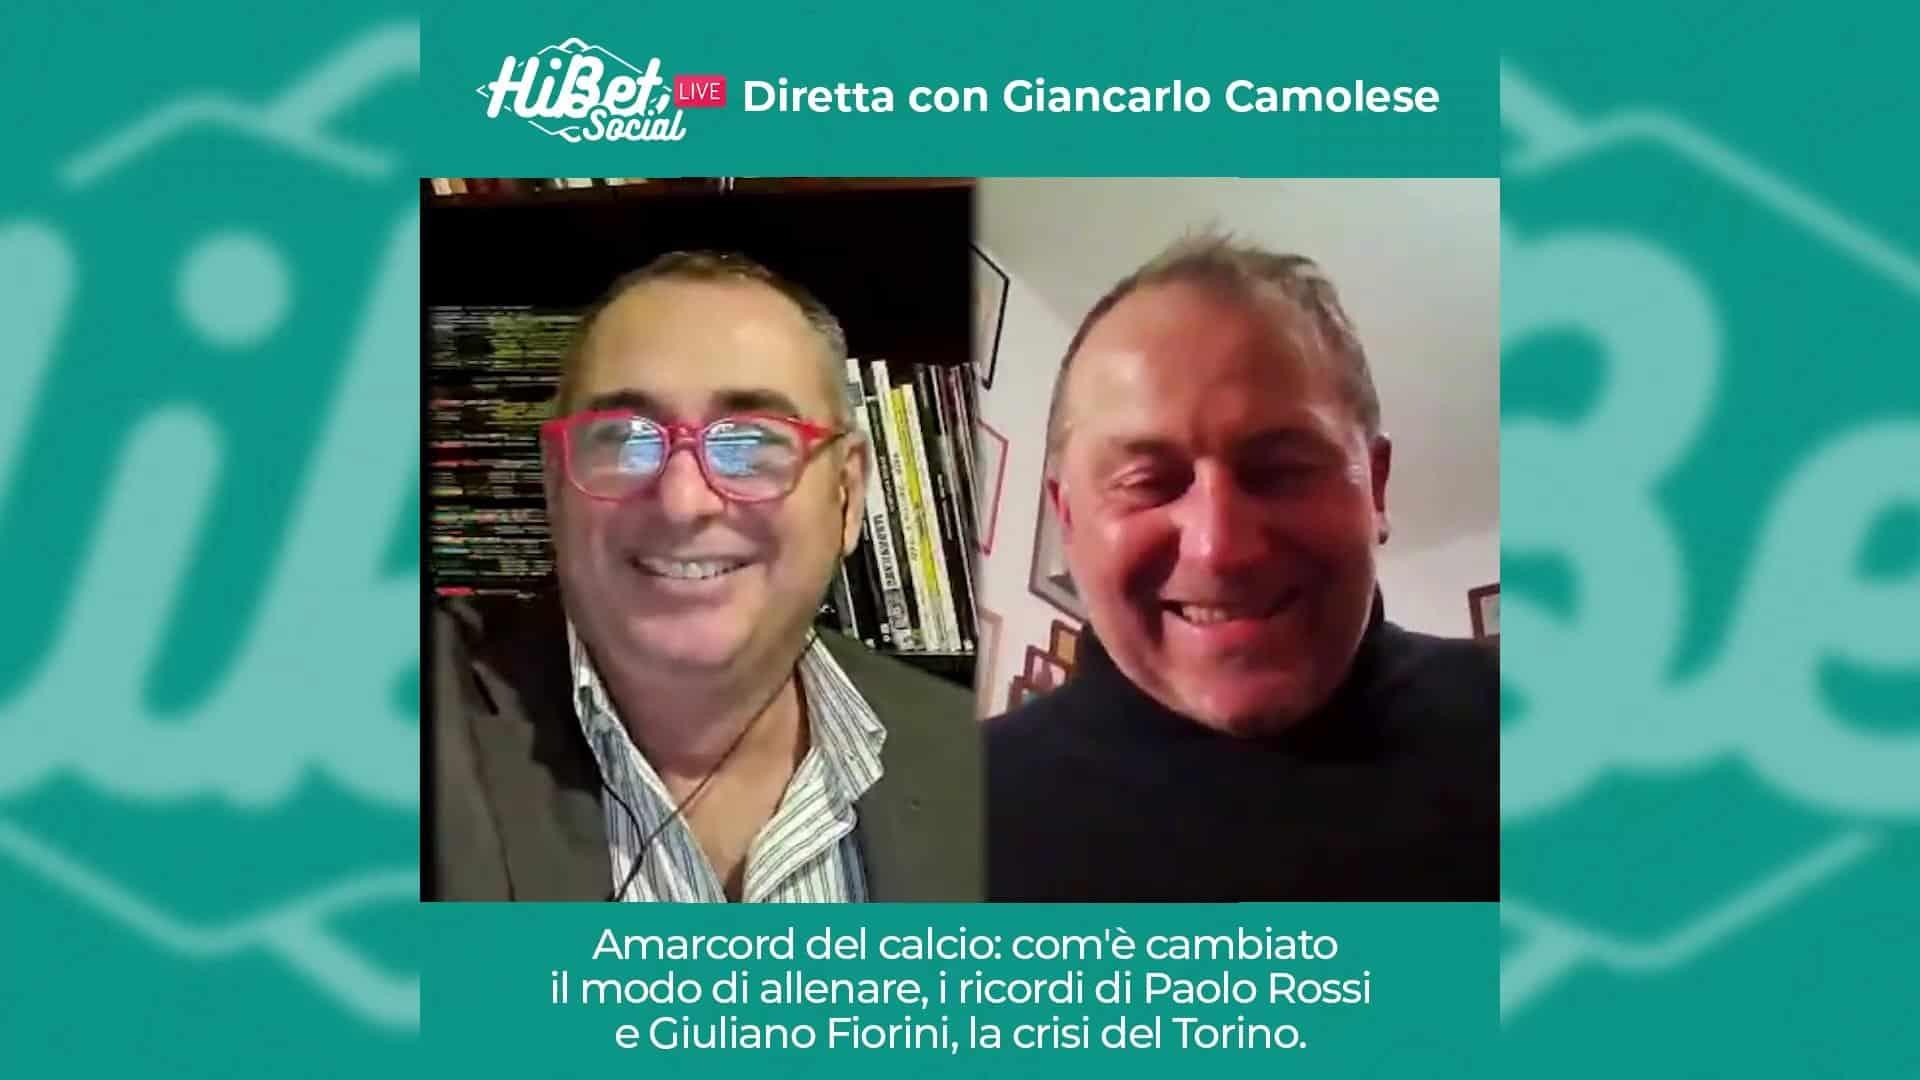 La nostra chiacchierata con Giancarlo Camolese. La crisi del Torino ed i ricordi di Paolo Rossi e Fiorini.